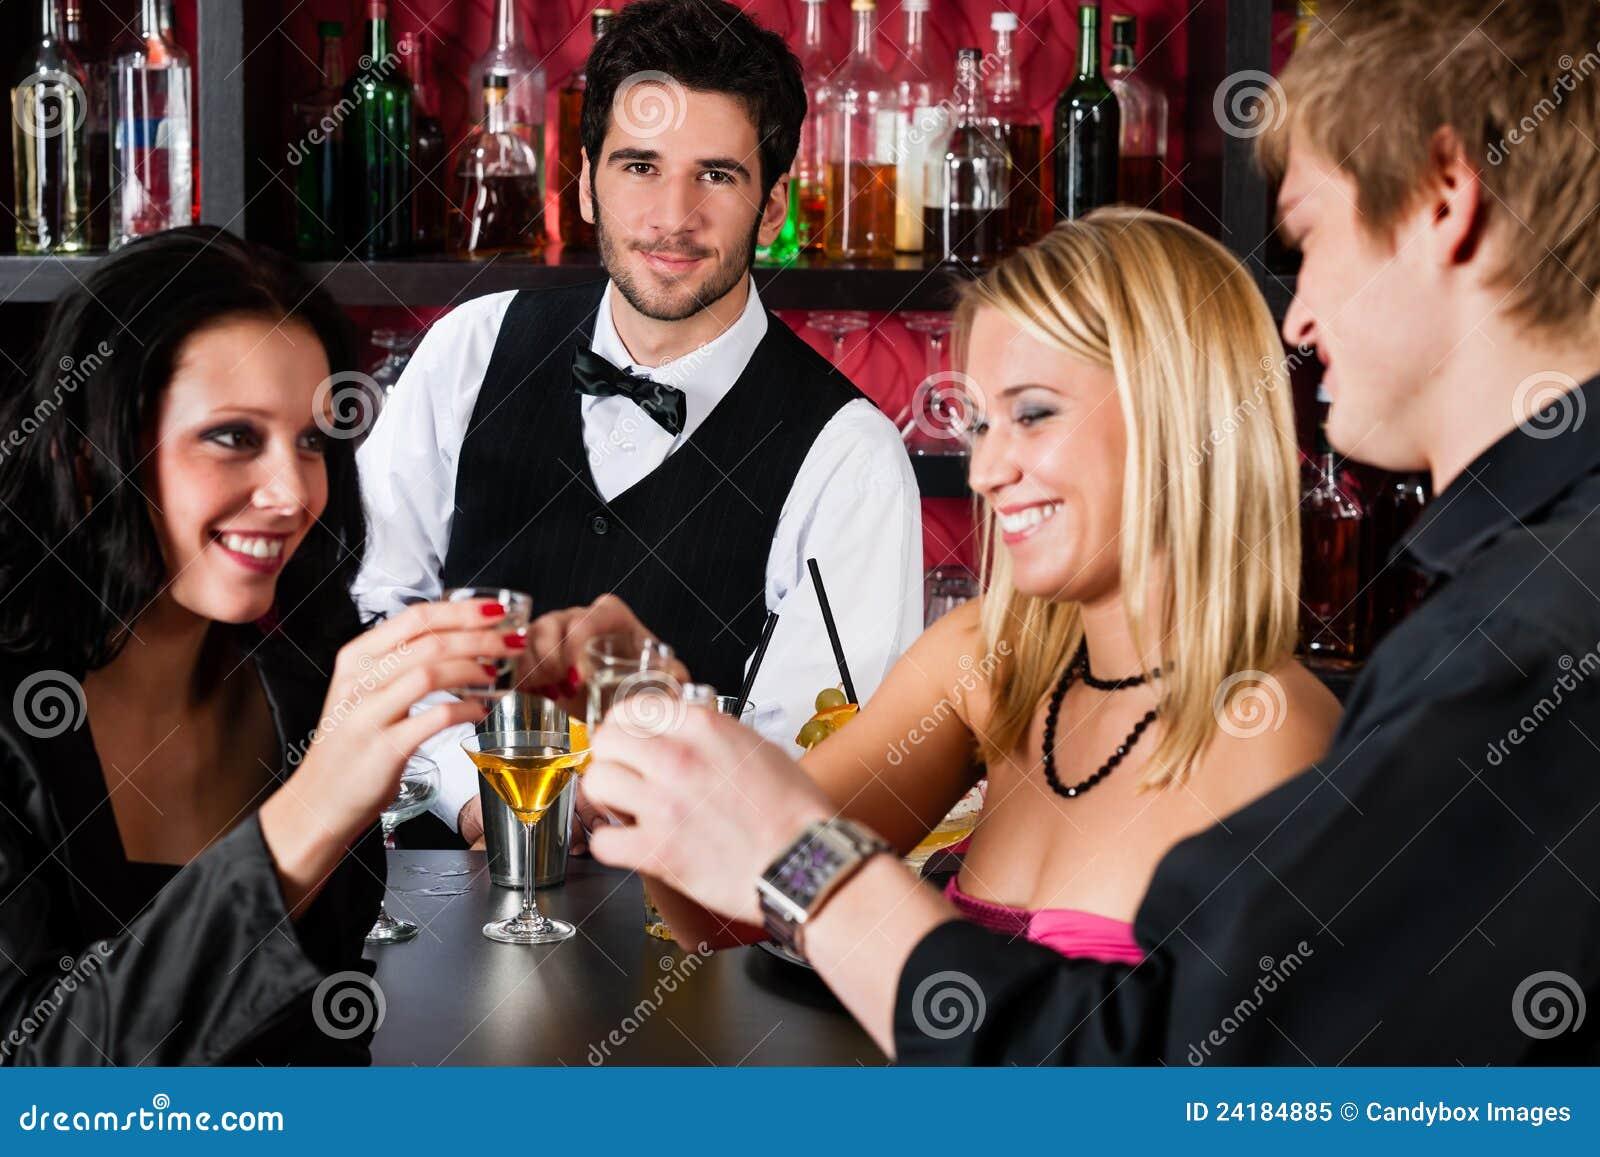 Barkellner hinter den Gegenfreunden, die am Stab trinken